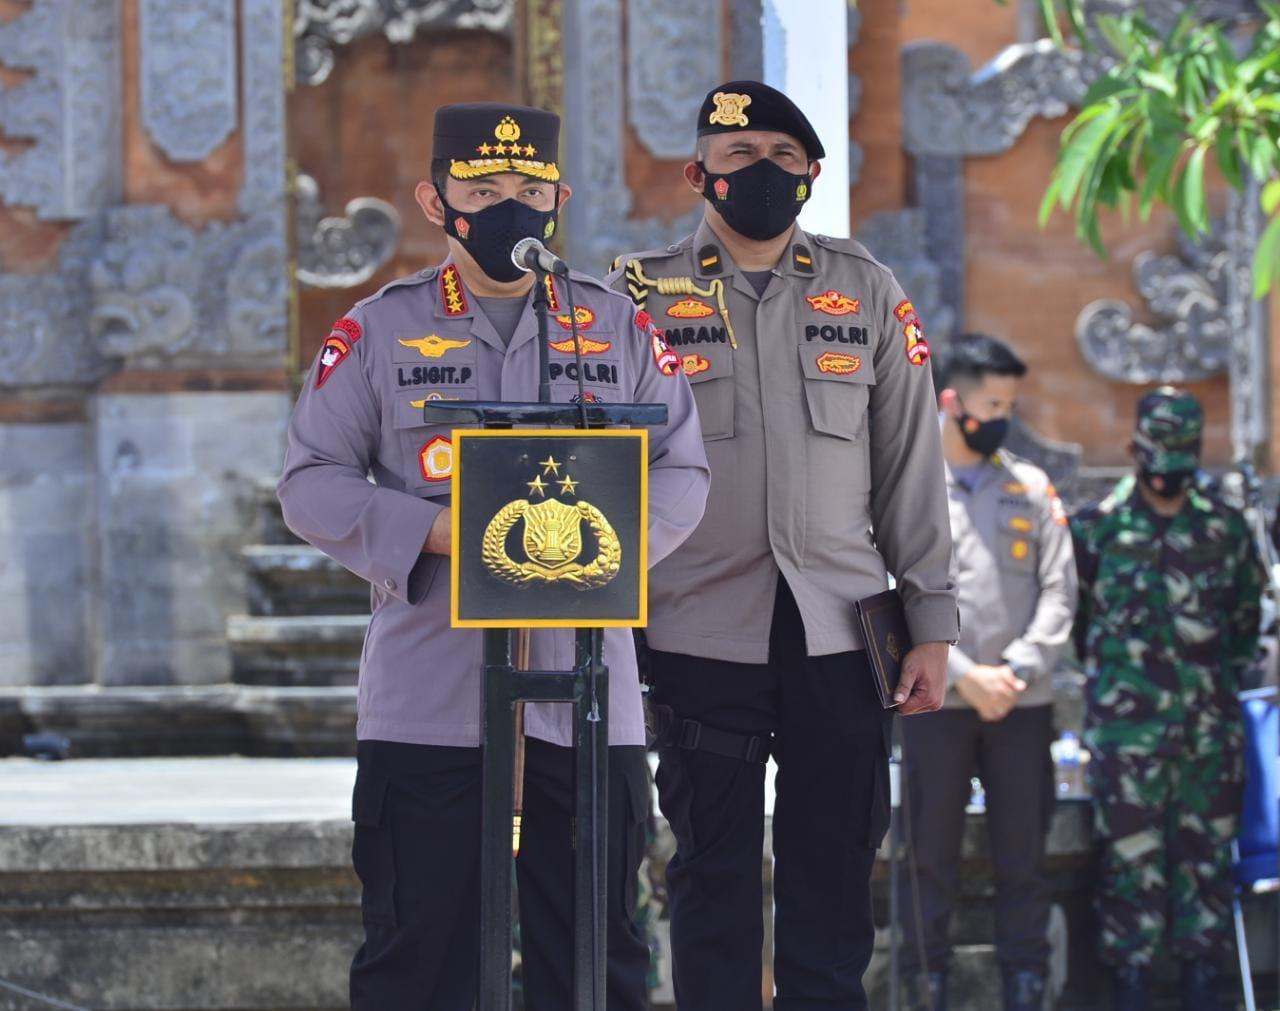 Pesan Kapolri Saat Pimpin Apel Pasukan Sambut Wisman di Bali | Memo News